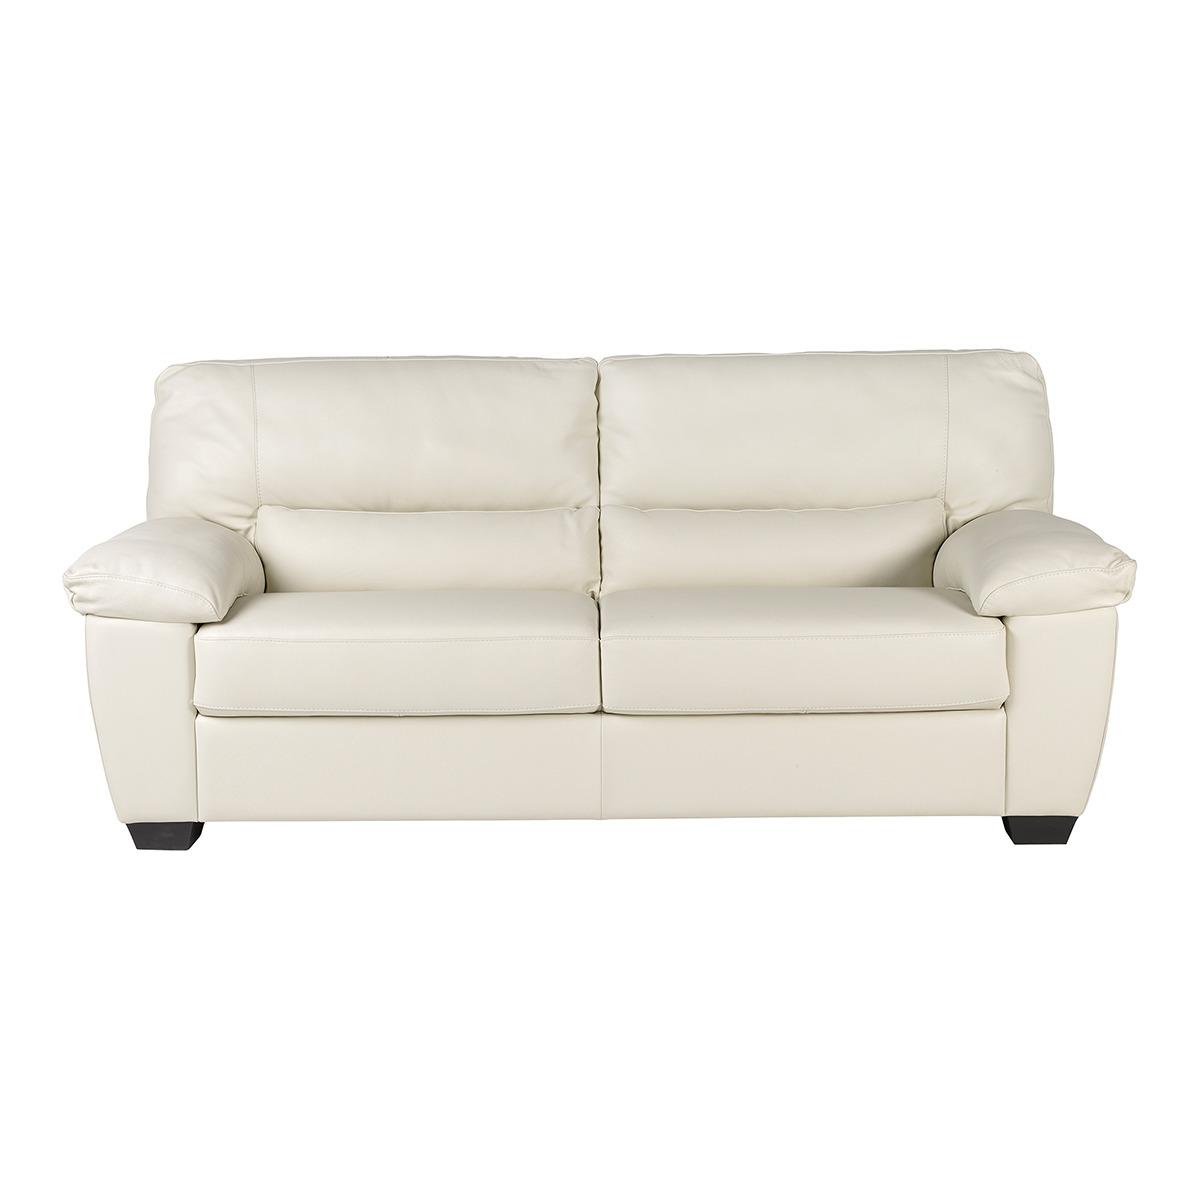 Sof de piel de 3 plazas vera tienda de sofas en for Sillones de 3 plazas baratos